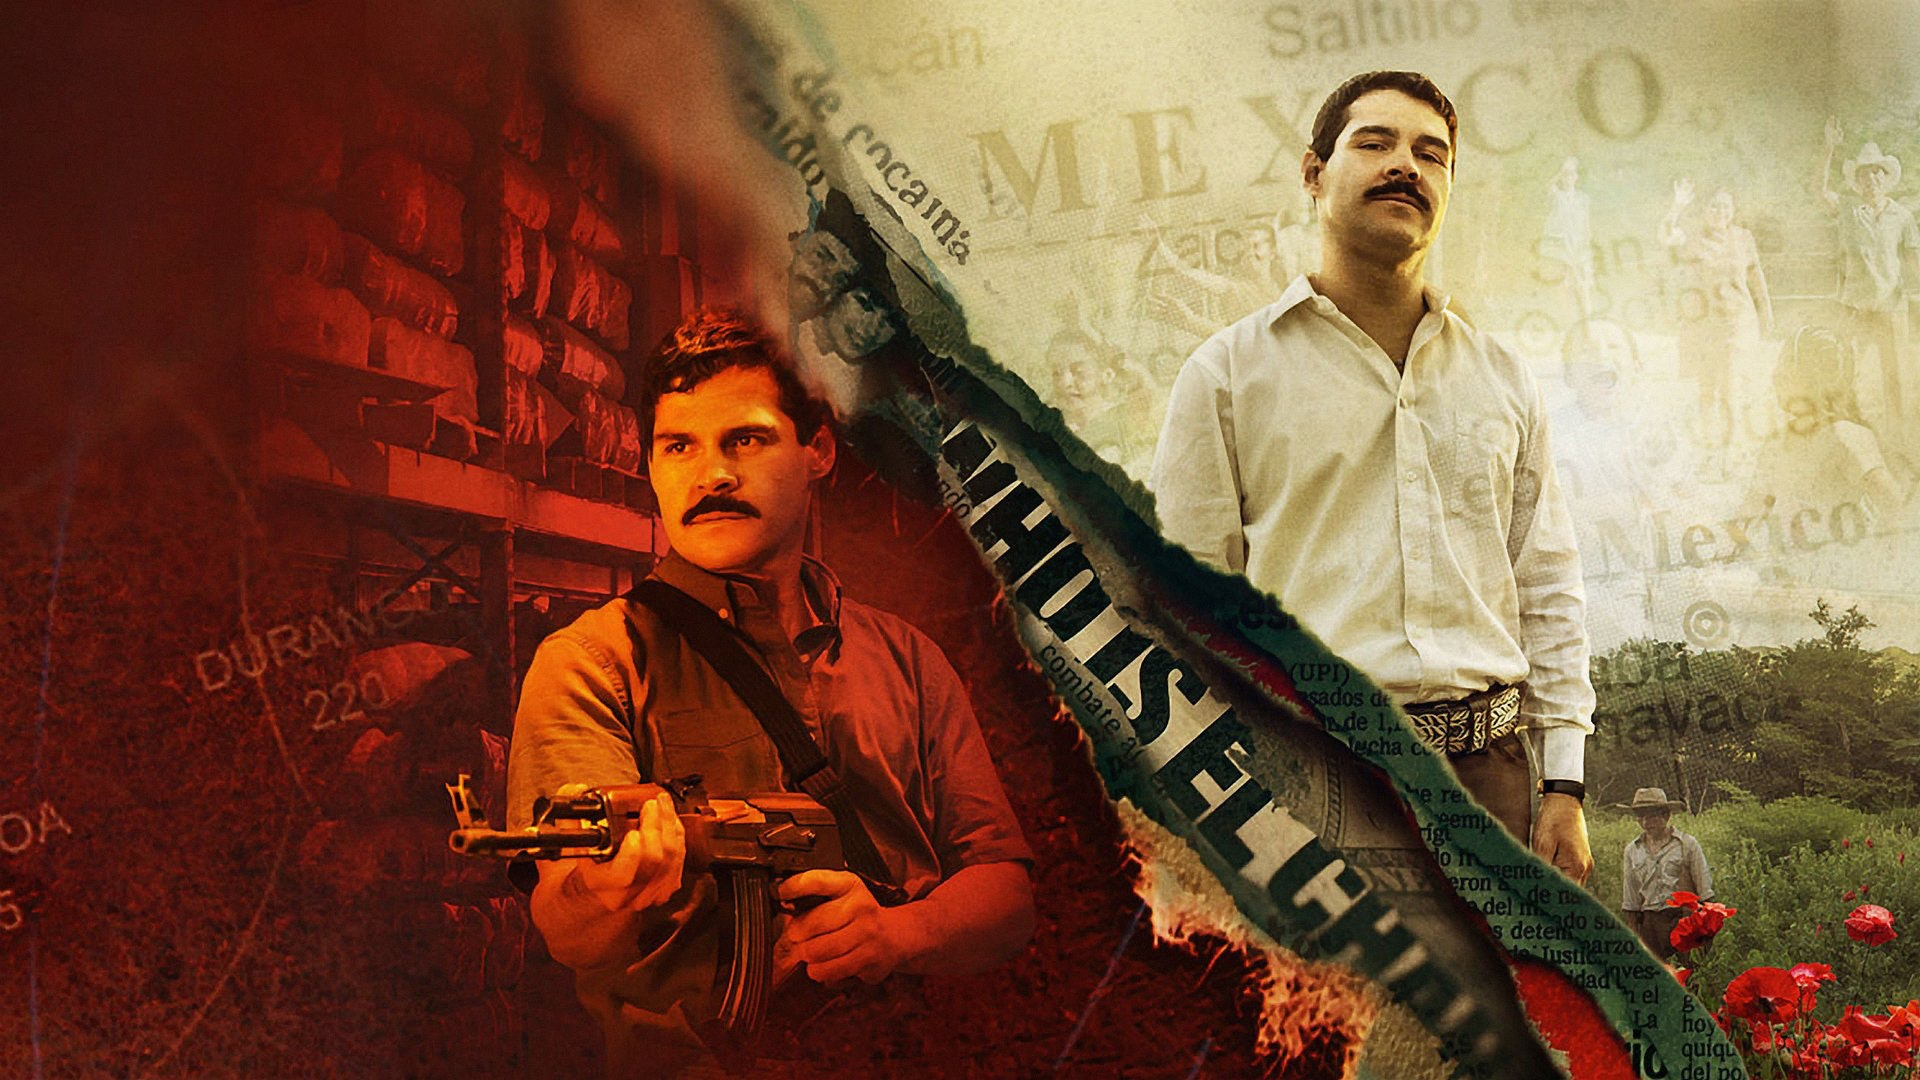 El Chapo Soundtrack